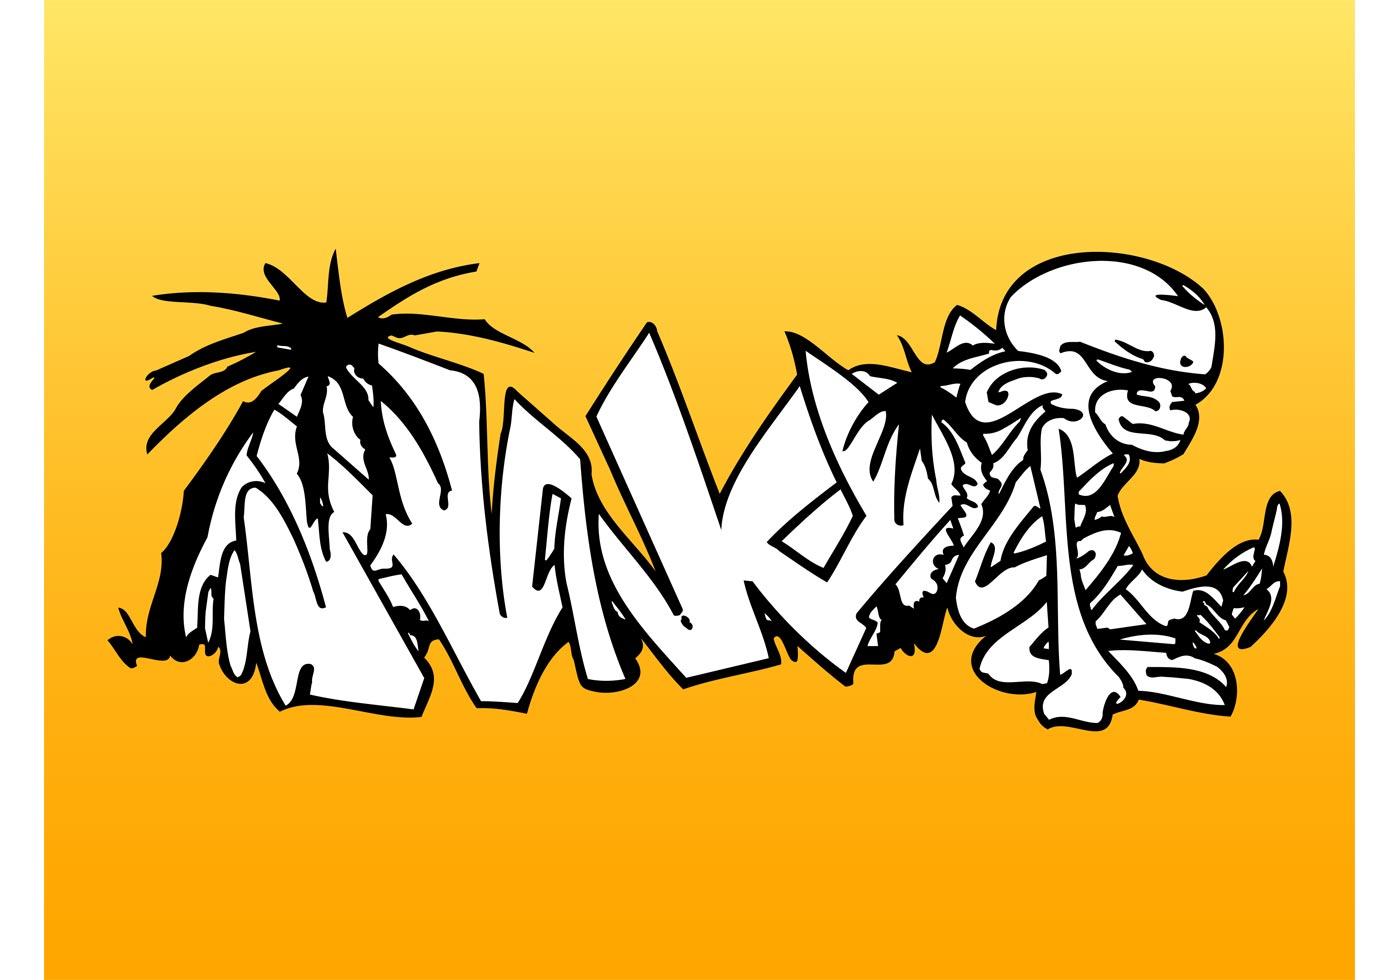 Graffiti Words Peace